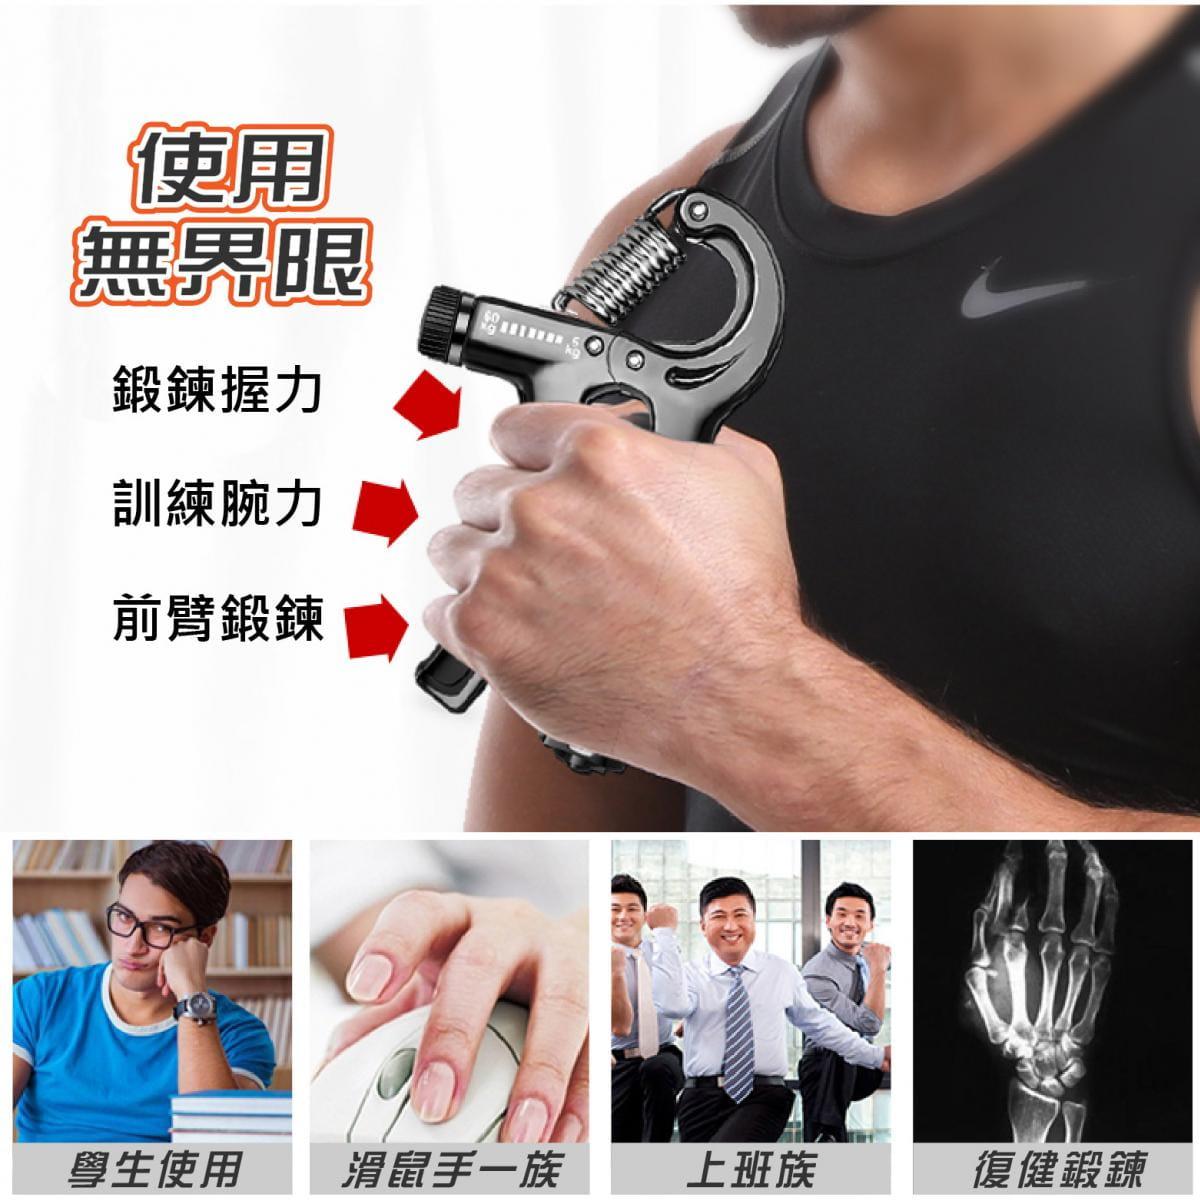 可調節式 握力器10~40KG 握力 腕力 握力訓練器 手腕訓練 腕力器 健身器材 紓壓 增肌 5